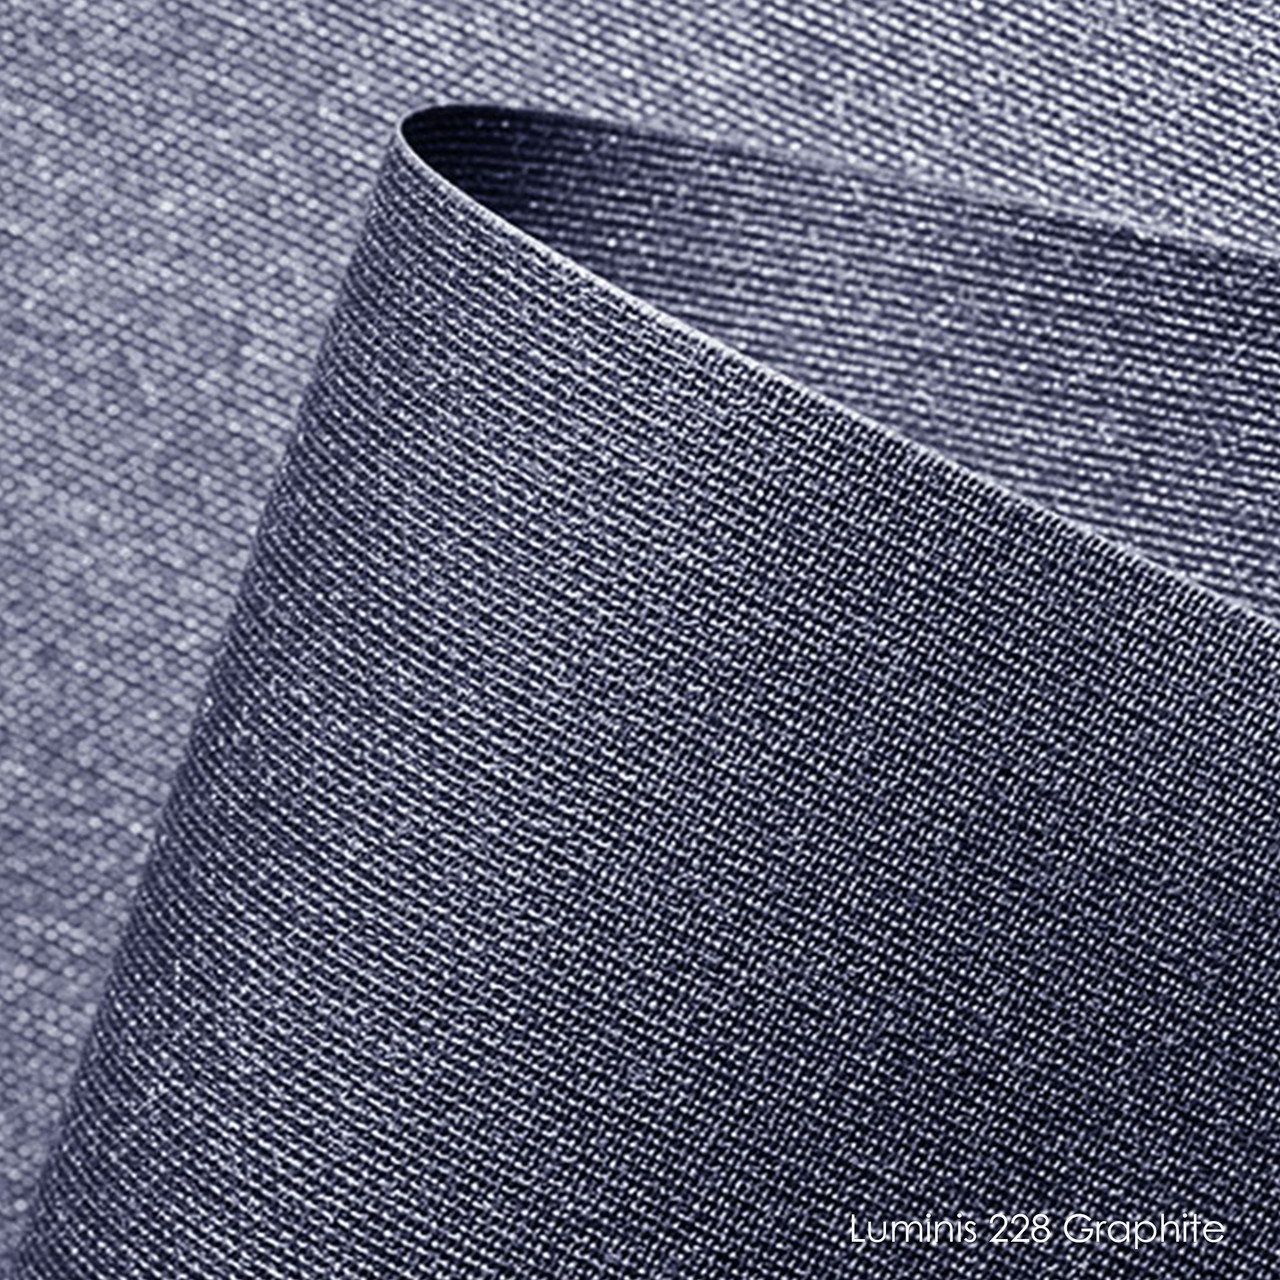 Ролети тканинні Залишившись-228 graphite